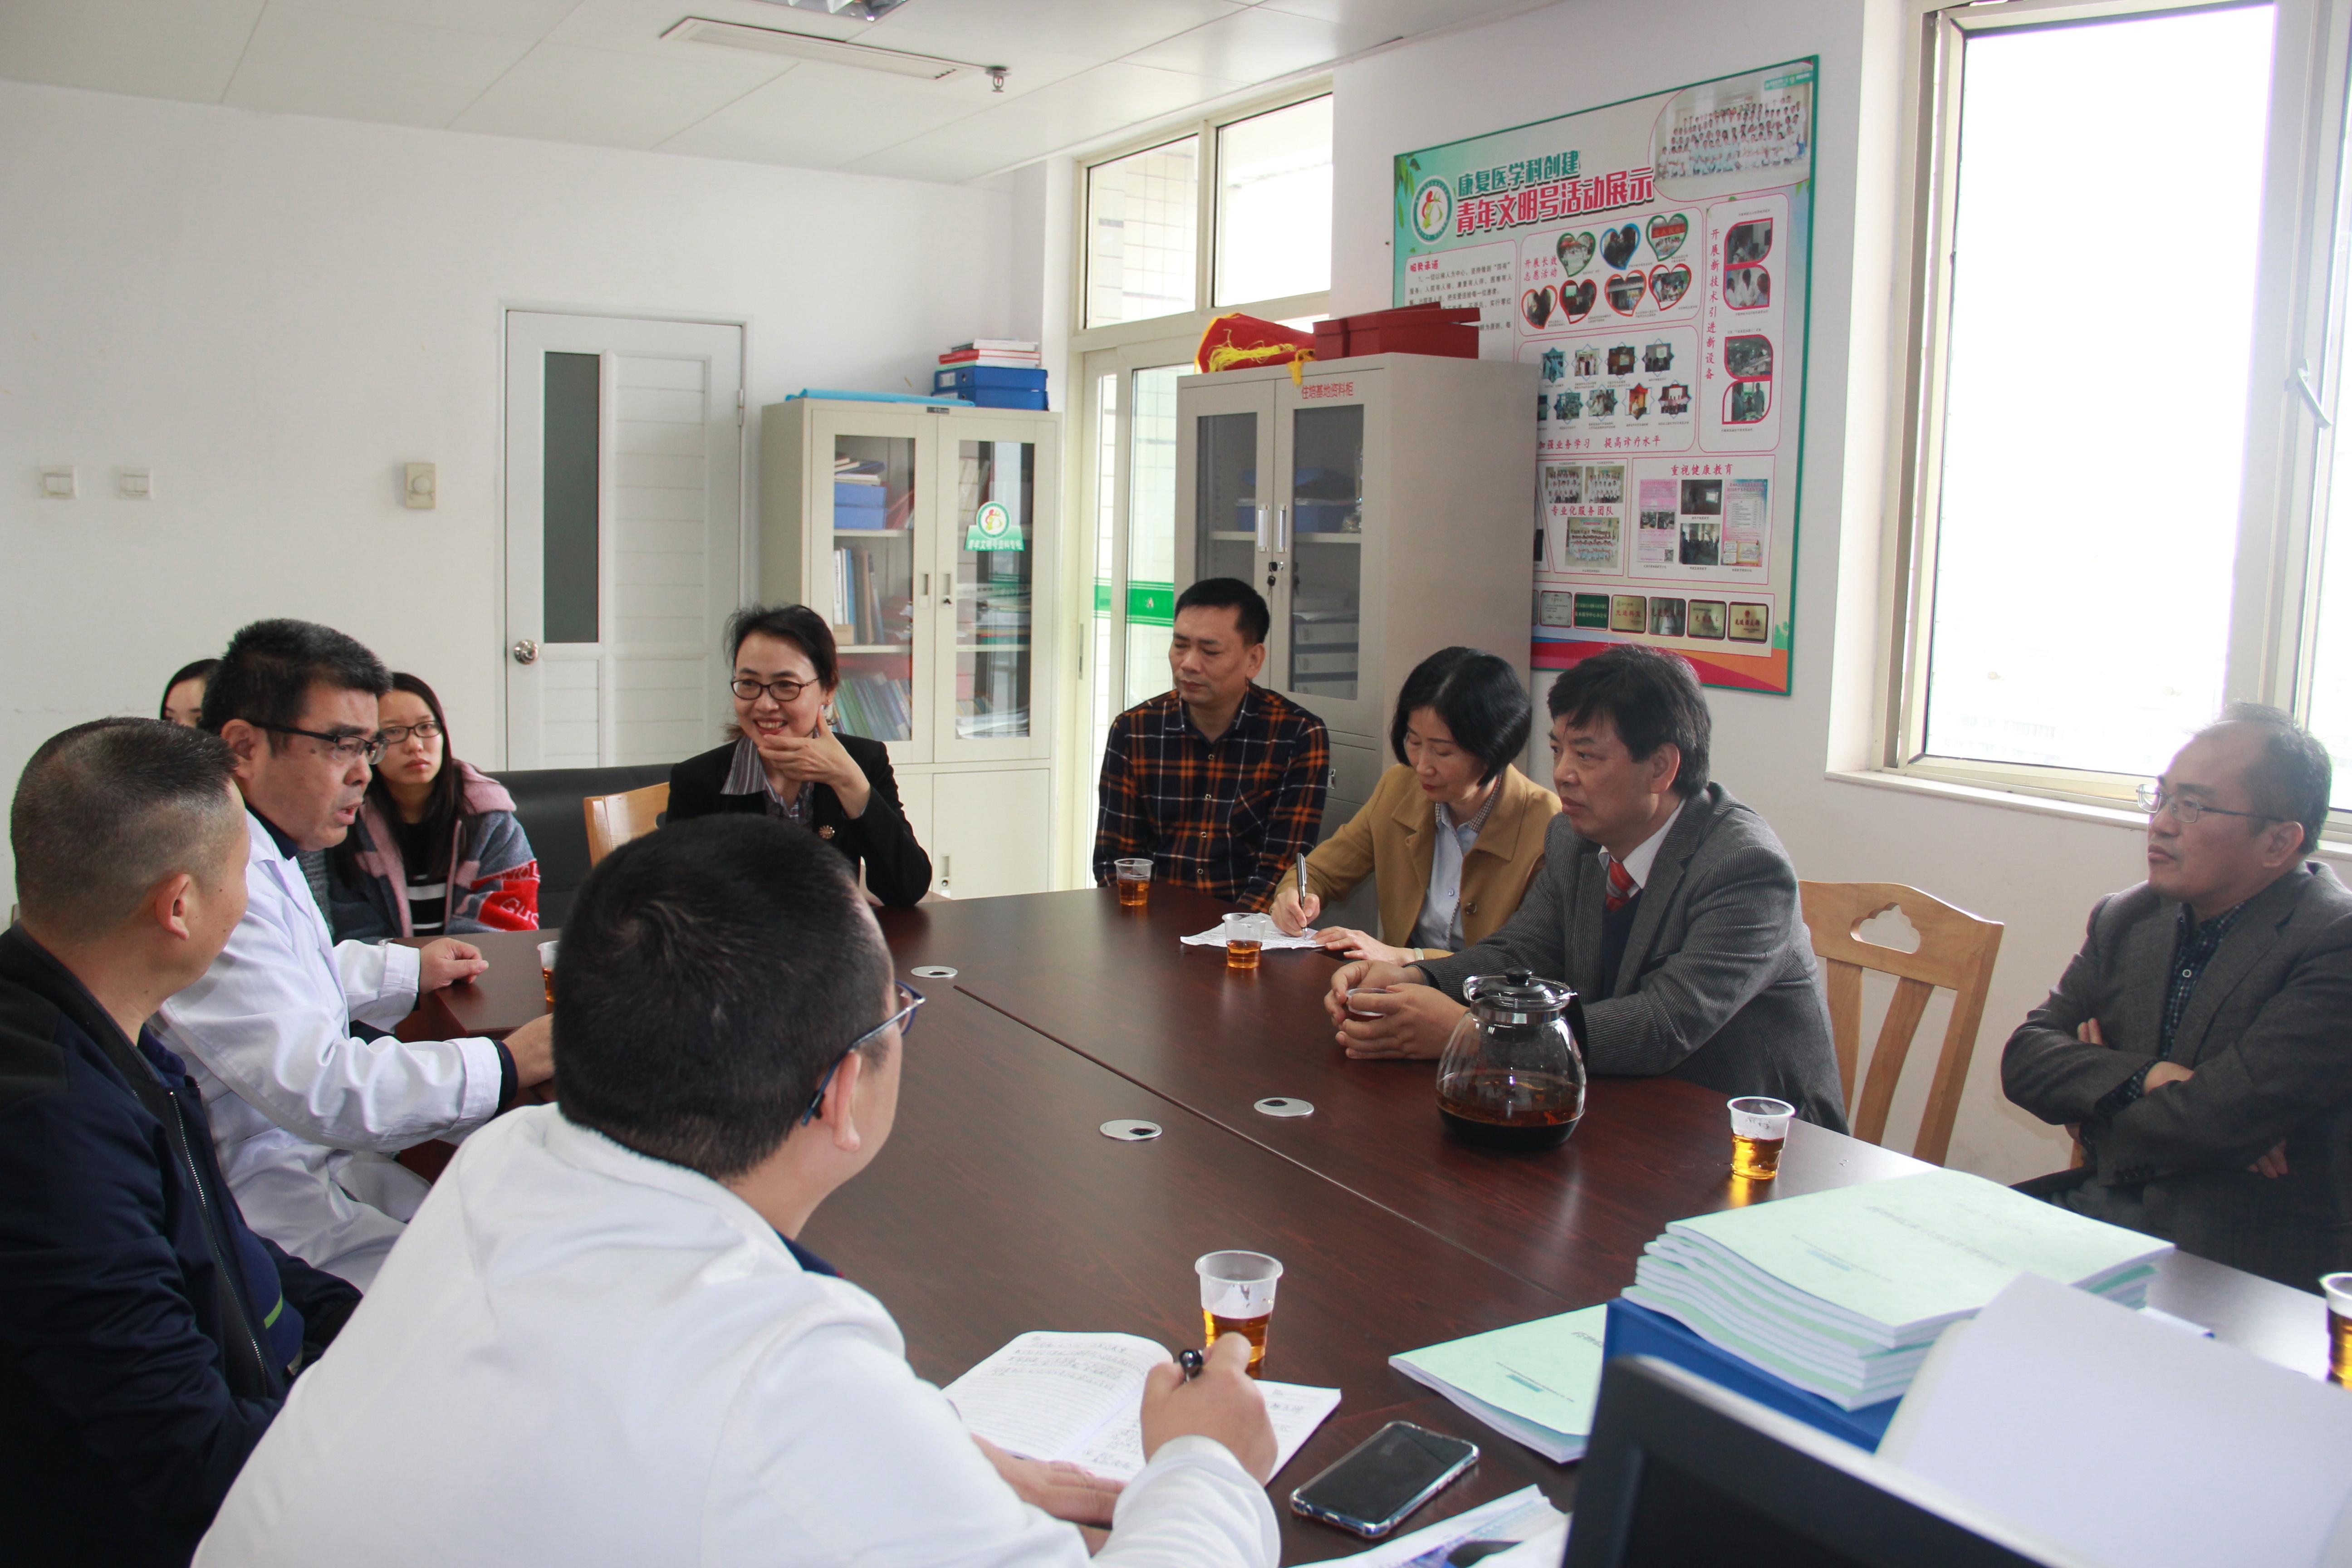 我院与粤北人民医院合作项目康复医学教学基地挂牌成立